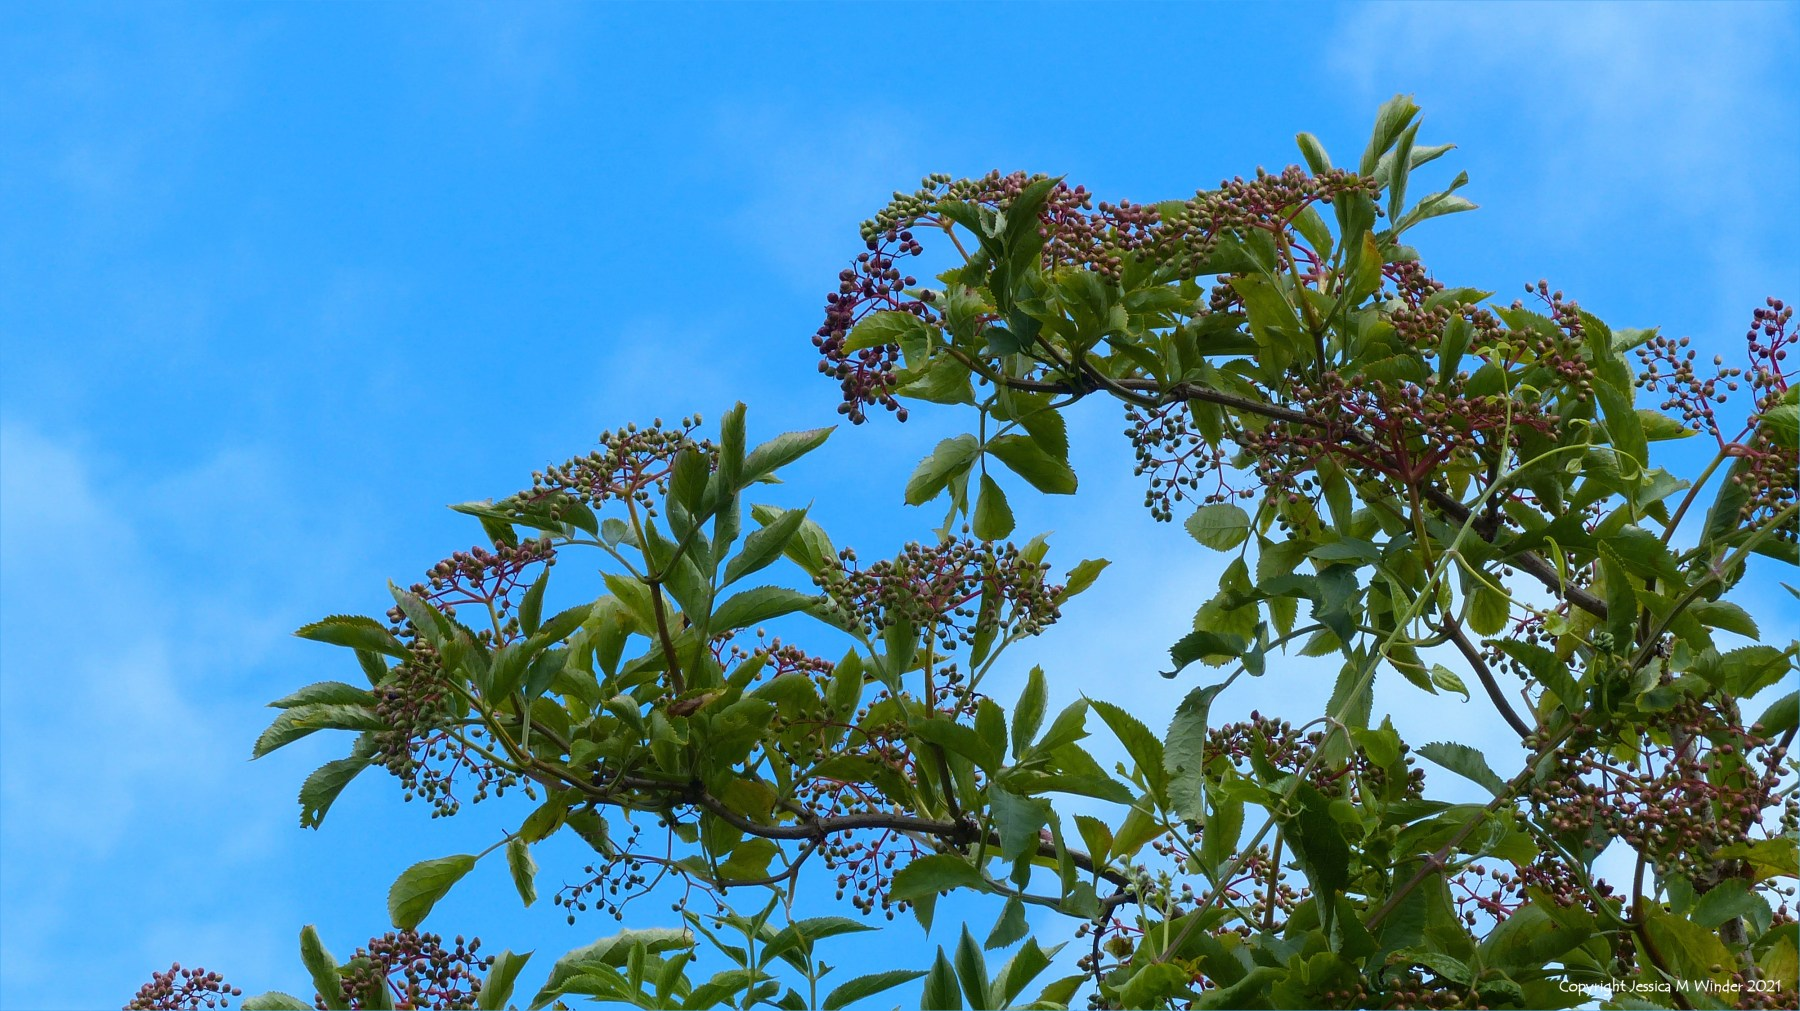 Unripe Elderberries in a hedgerow